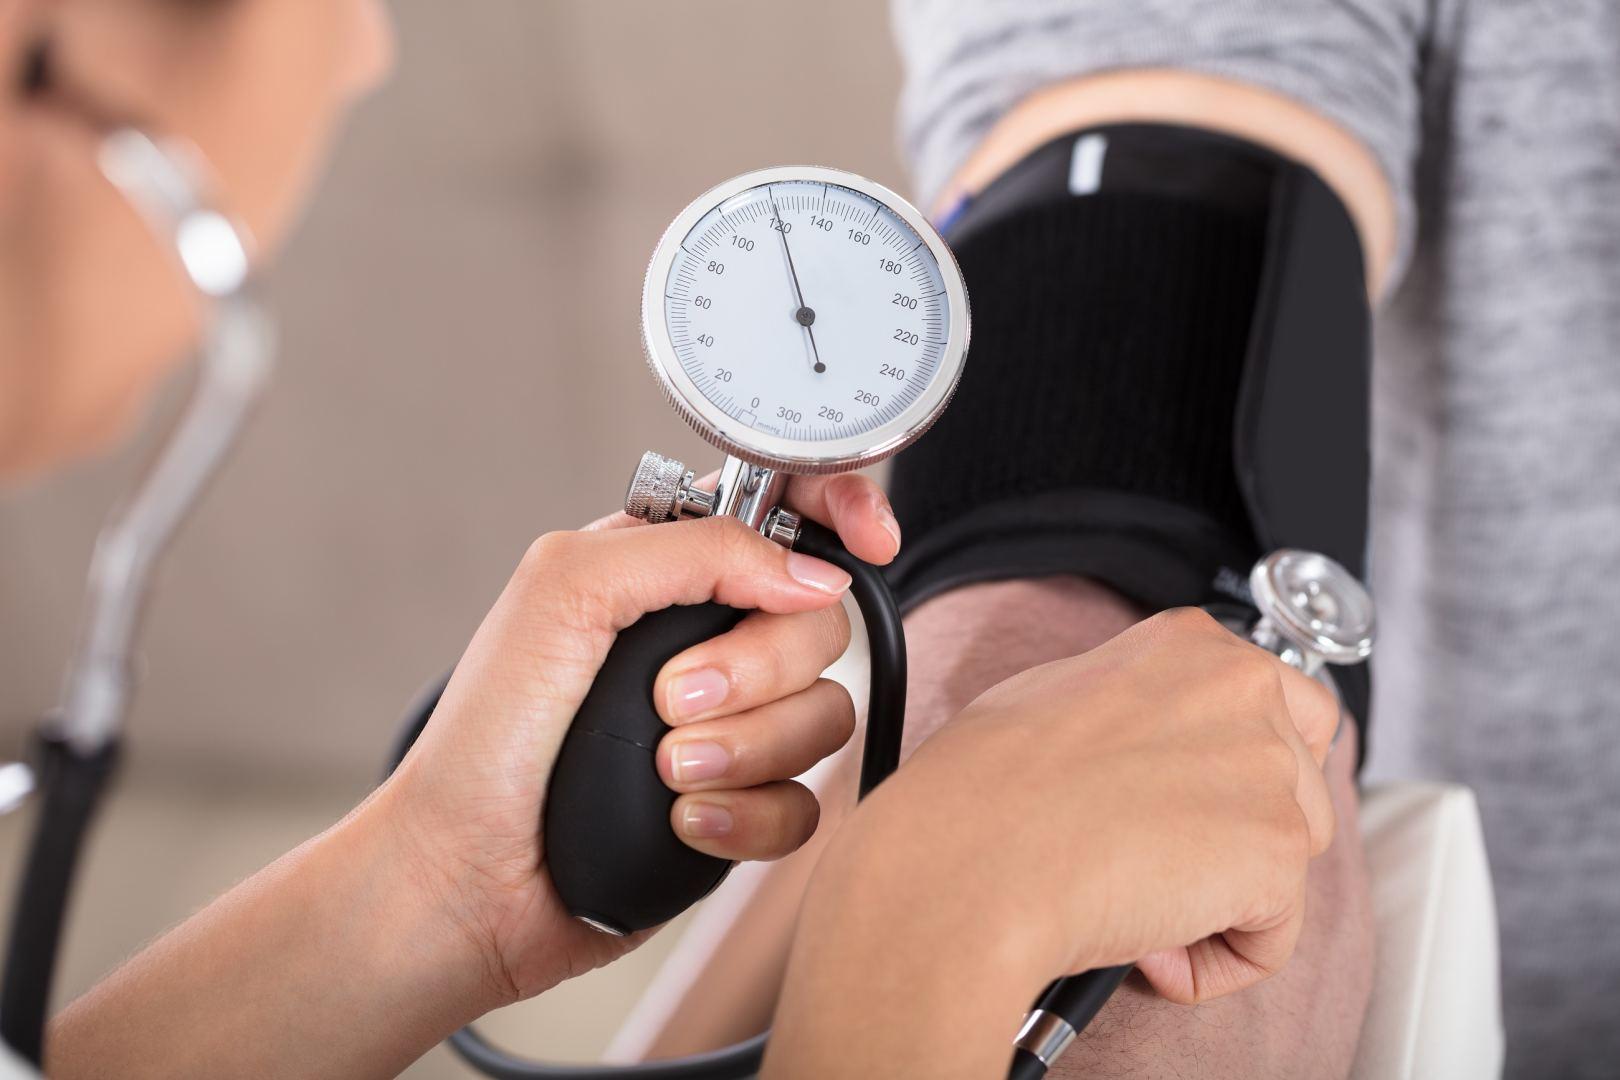 nuo ko pradėti tyrimą dėl hipertenzijos kokių maisto produktų negalima vartoti esant hipertenzijai